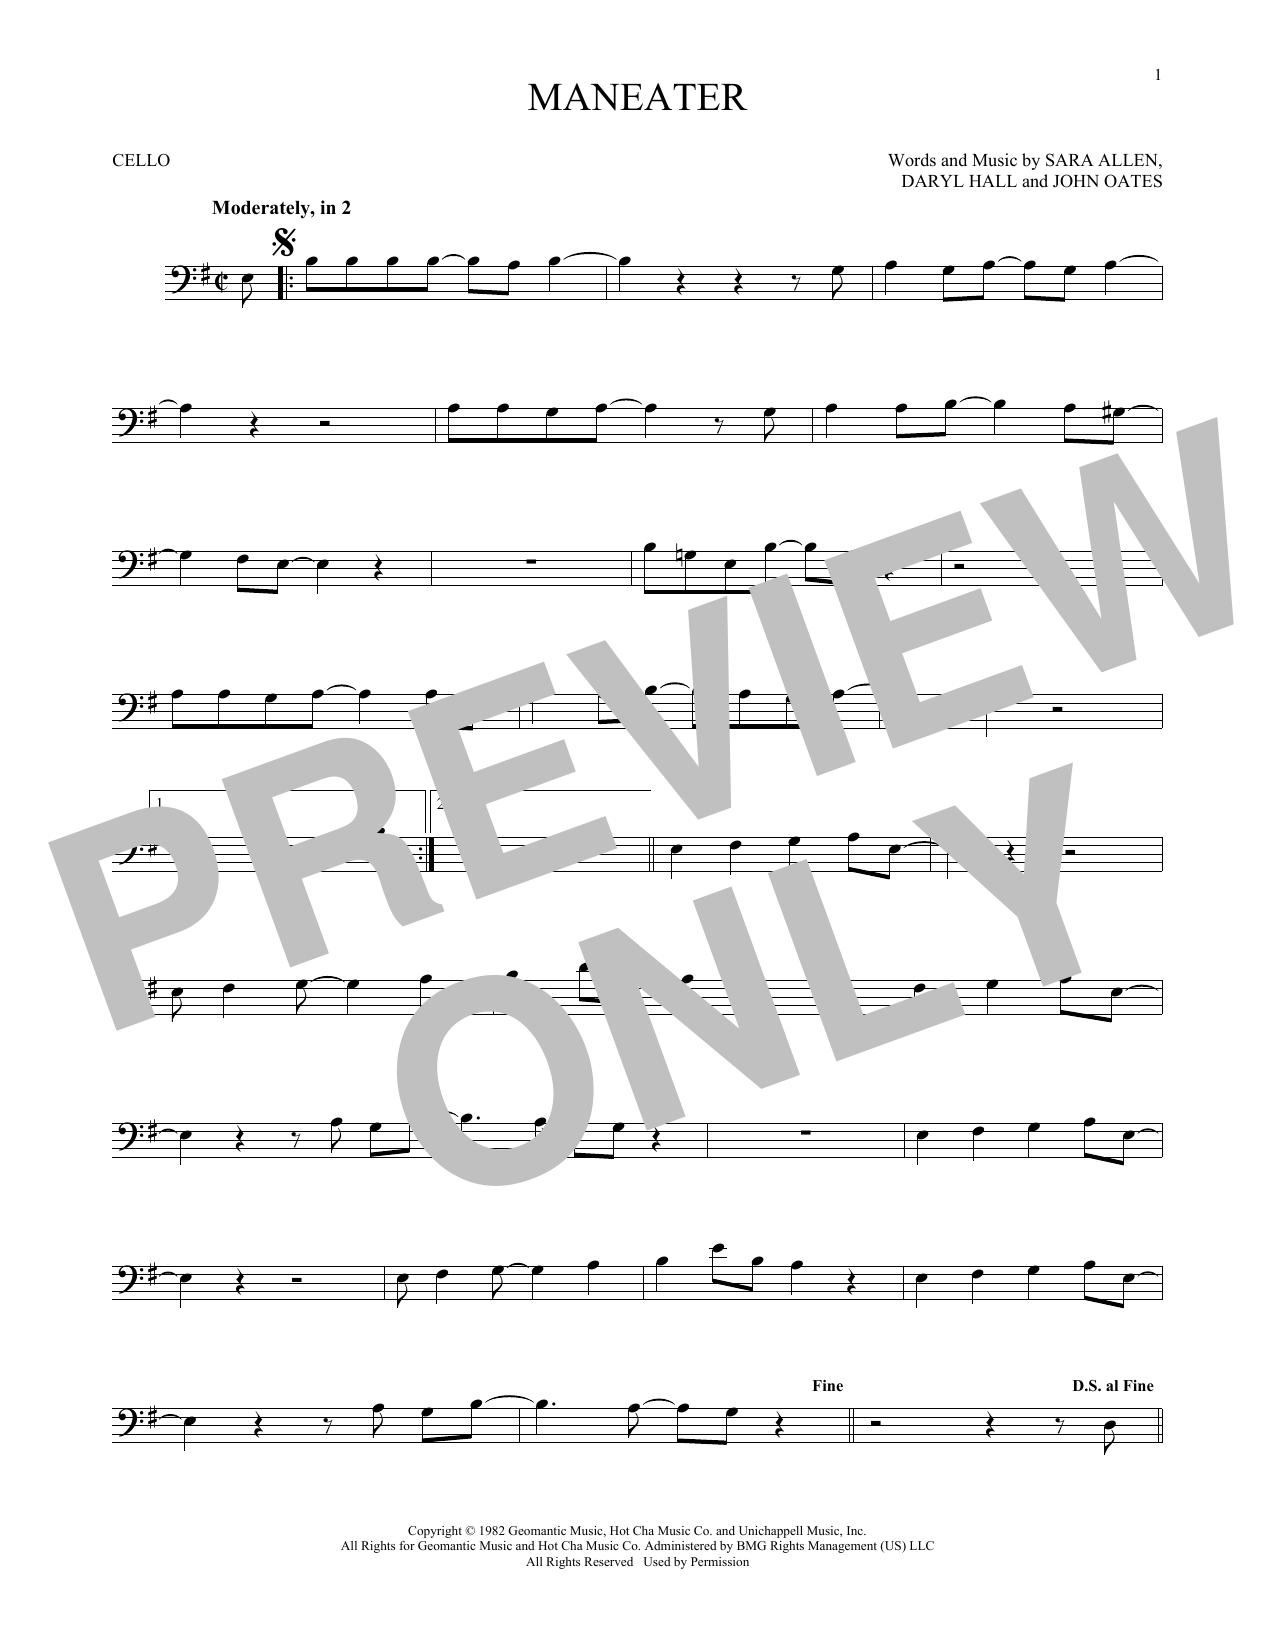 Maneater (Cello)